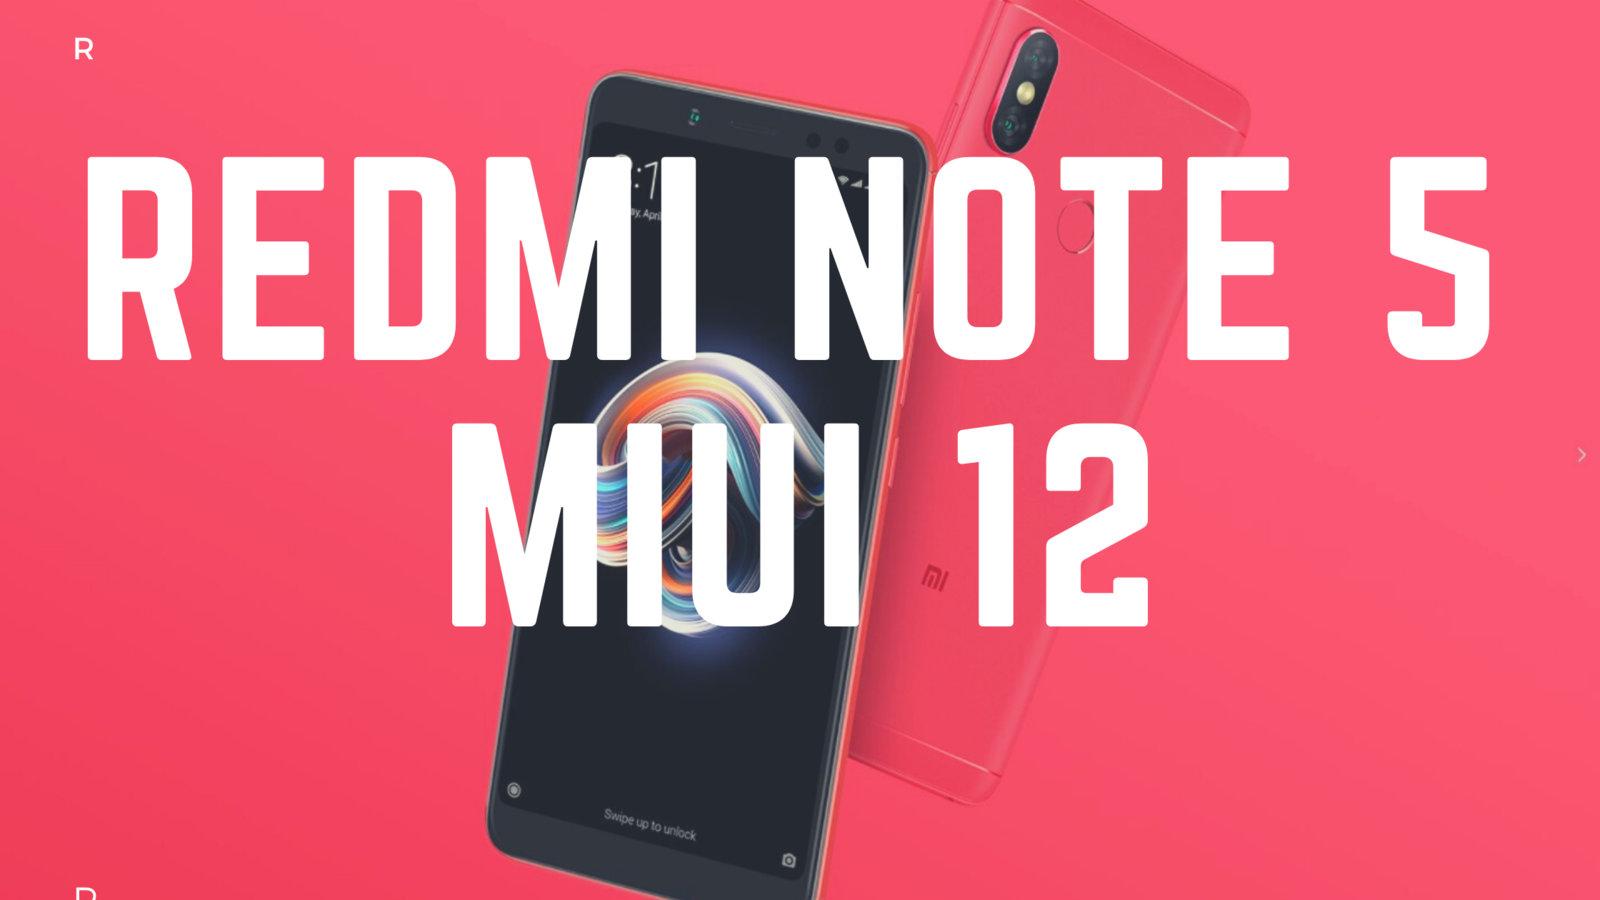 Xiaomi Redmi Note 5 Pro MIUI 12 update